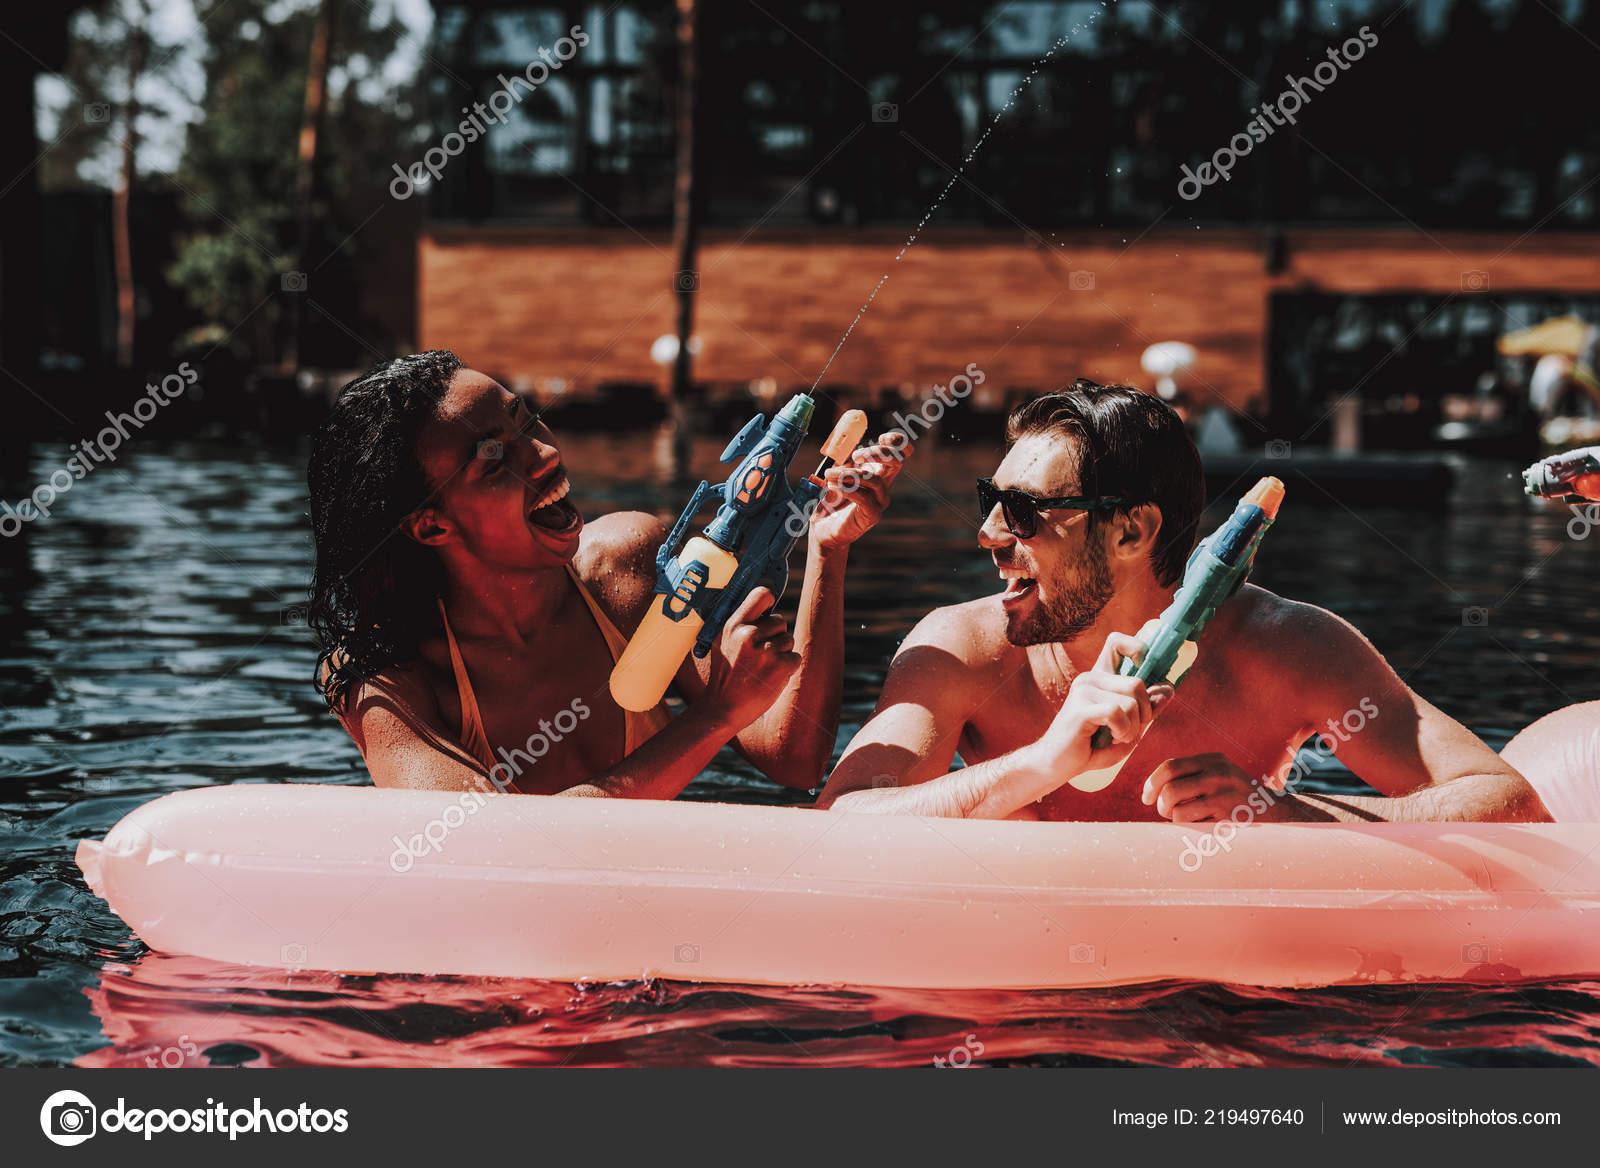 5e1ad47f22356 Joven sonriente pareja divirtiéndose en la piscina. Joven feliz gente  jugando juntos con pistolas de agua colorida en la piscina al aire libre.  Amigos de ...